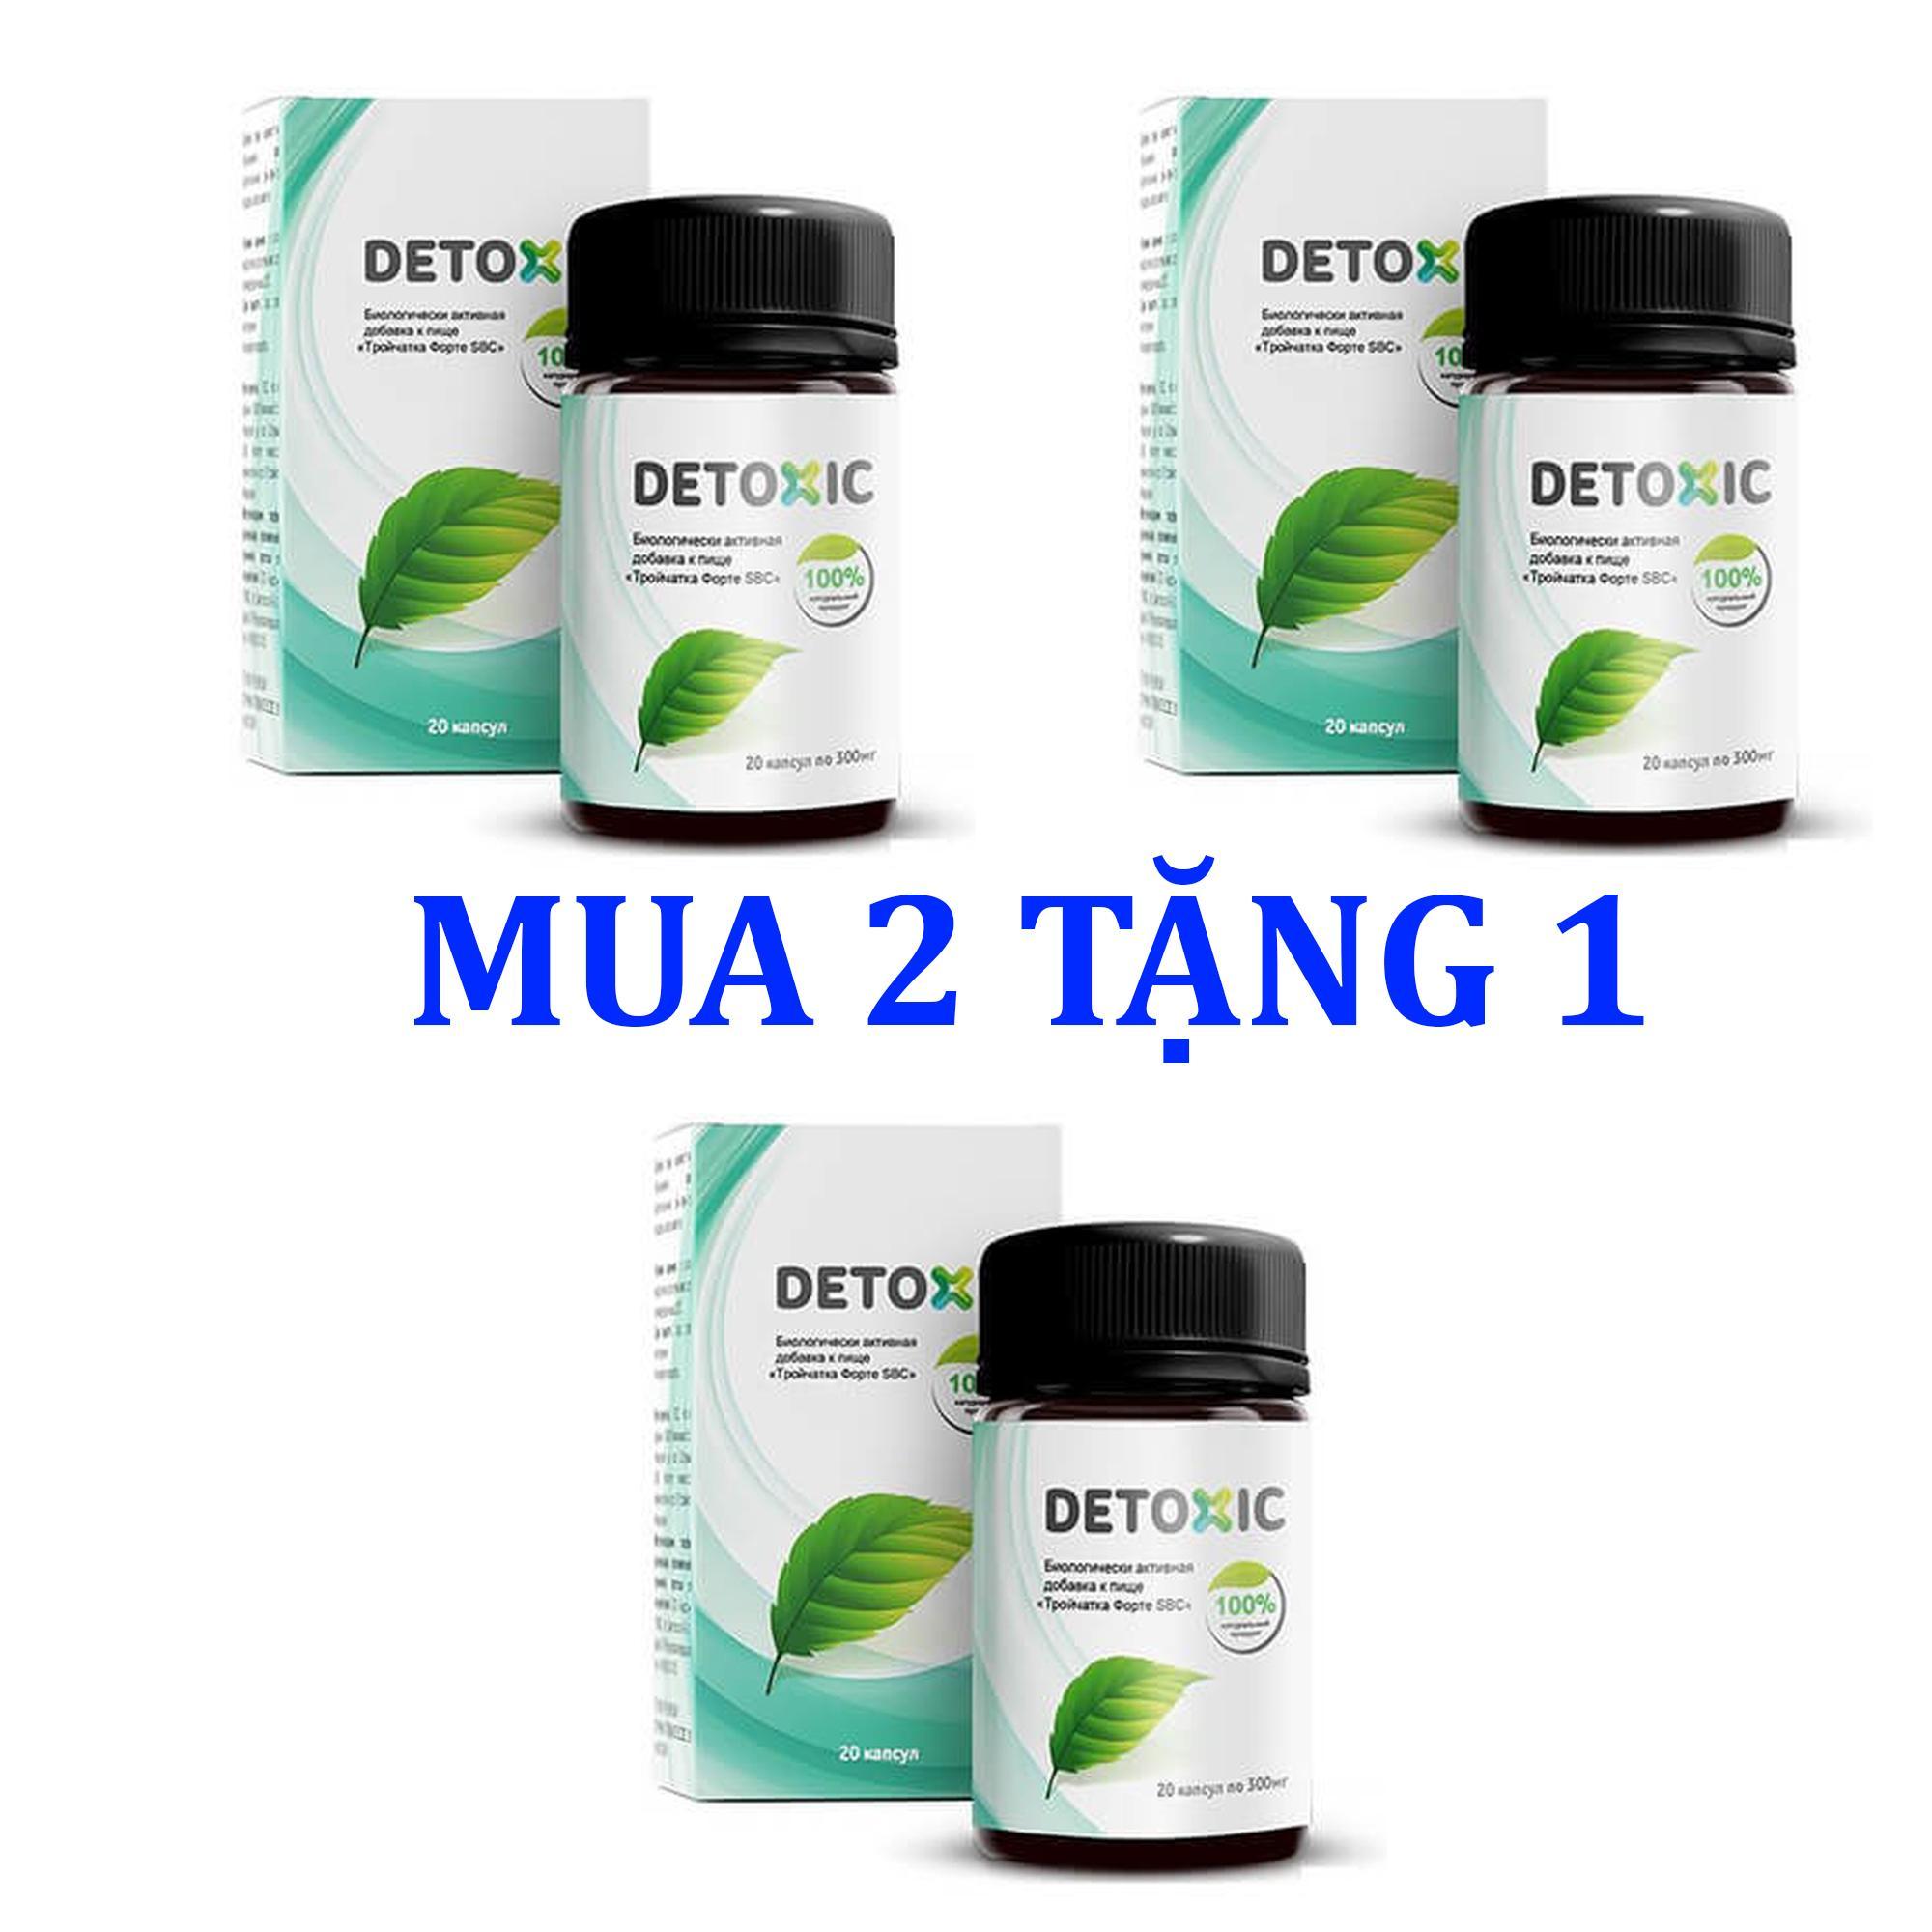 [MUA 2 TẶNG 1] Detoxic Chế Phẩm Diệt Ký Sinh Trùng Của Nga (Hàng Xách Tay)